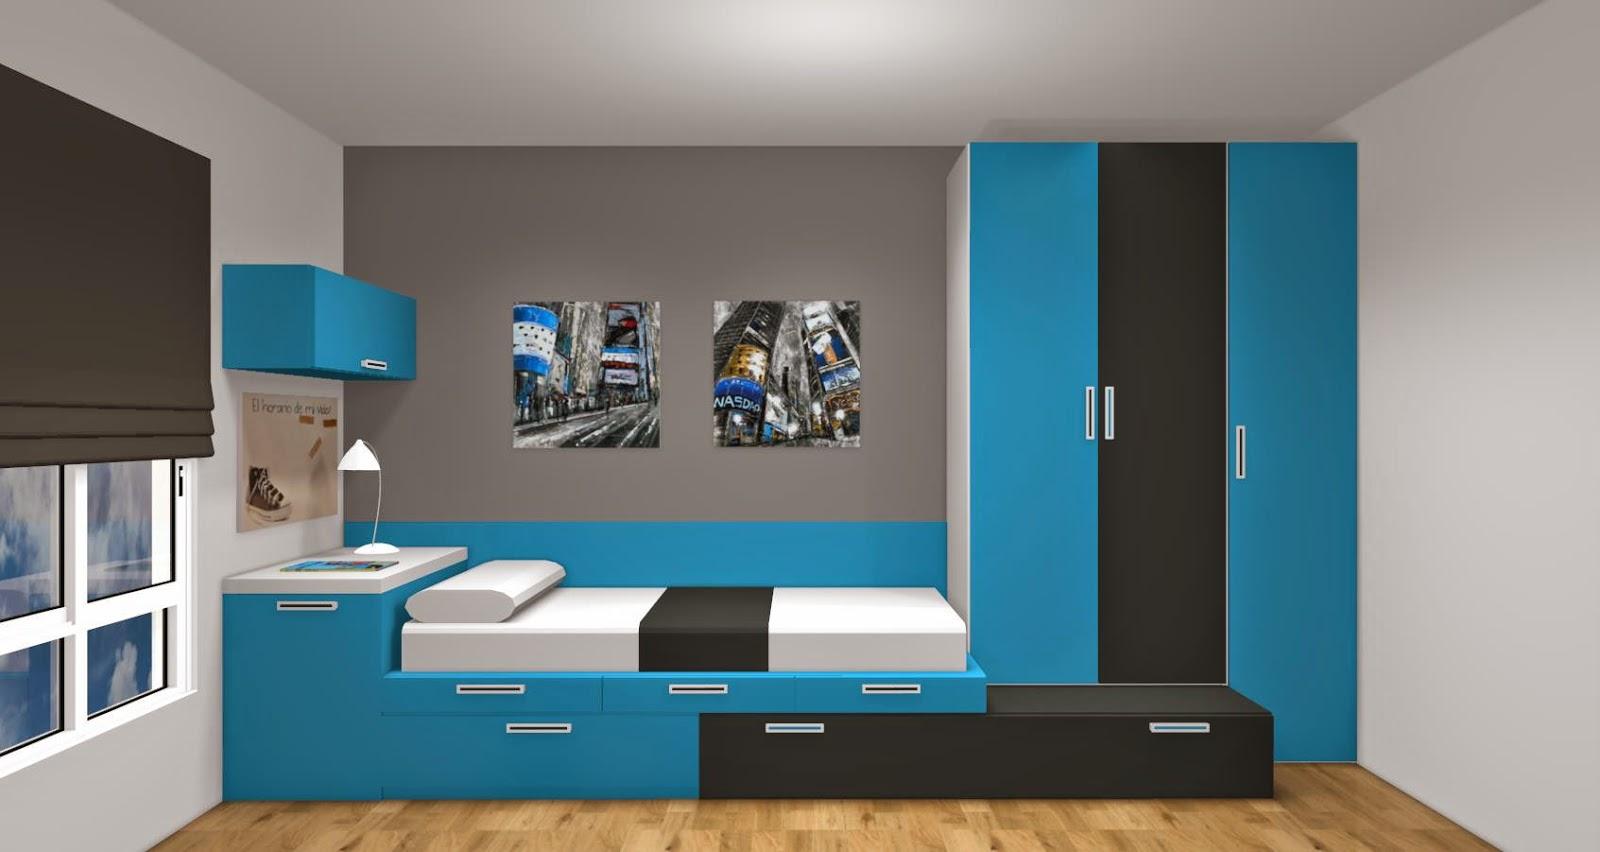 4 consejos antes de comprar dormitorios juveniles for Precios de dormitorios juveniles